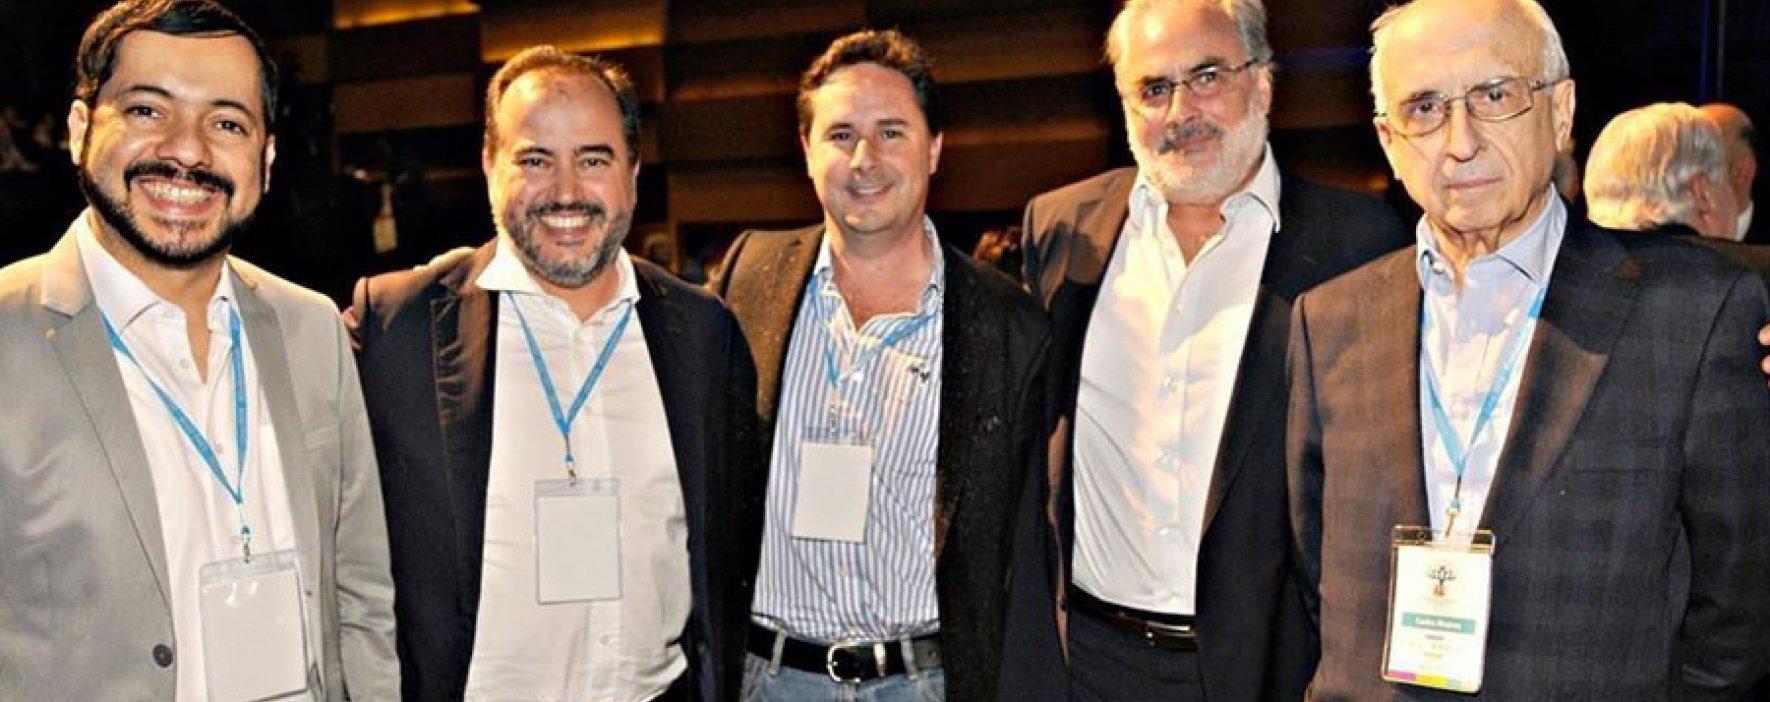 La AFE participó en los Encuentros Iberoamericanos de la Sociedad Civil en Lima, Perú